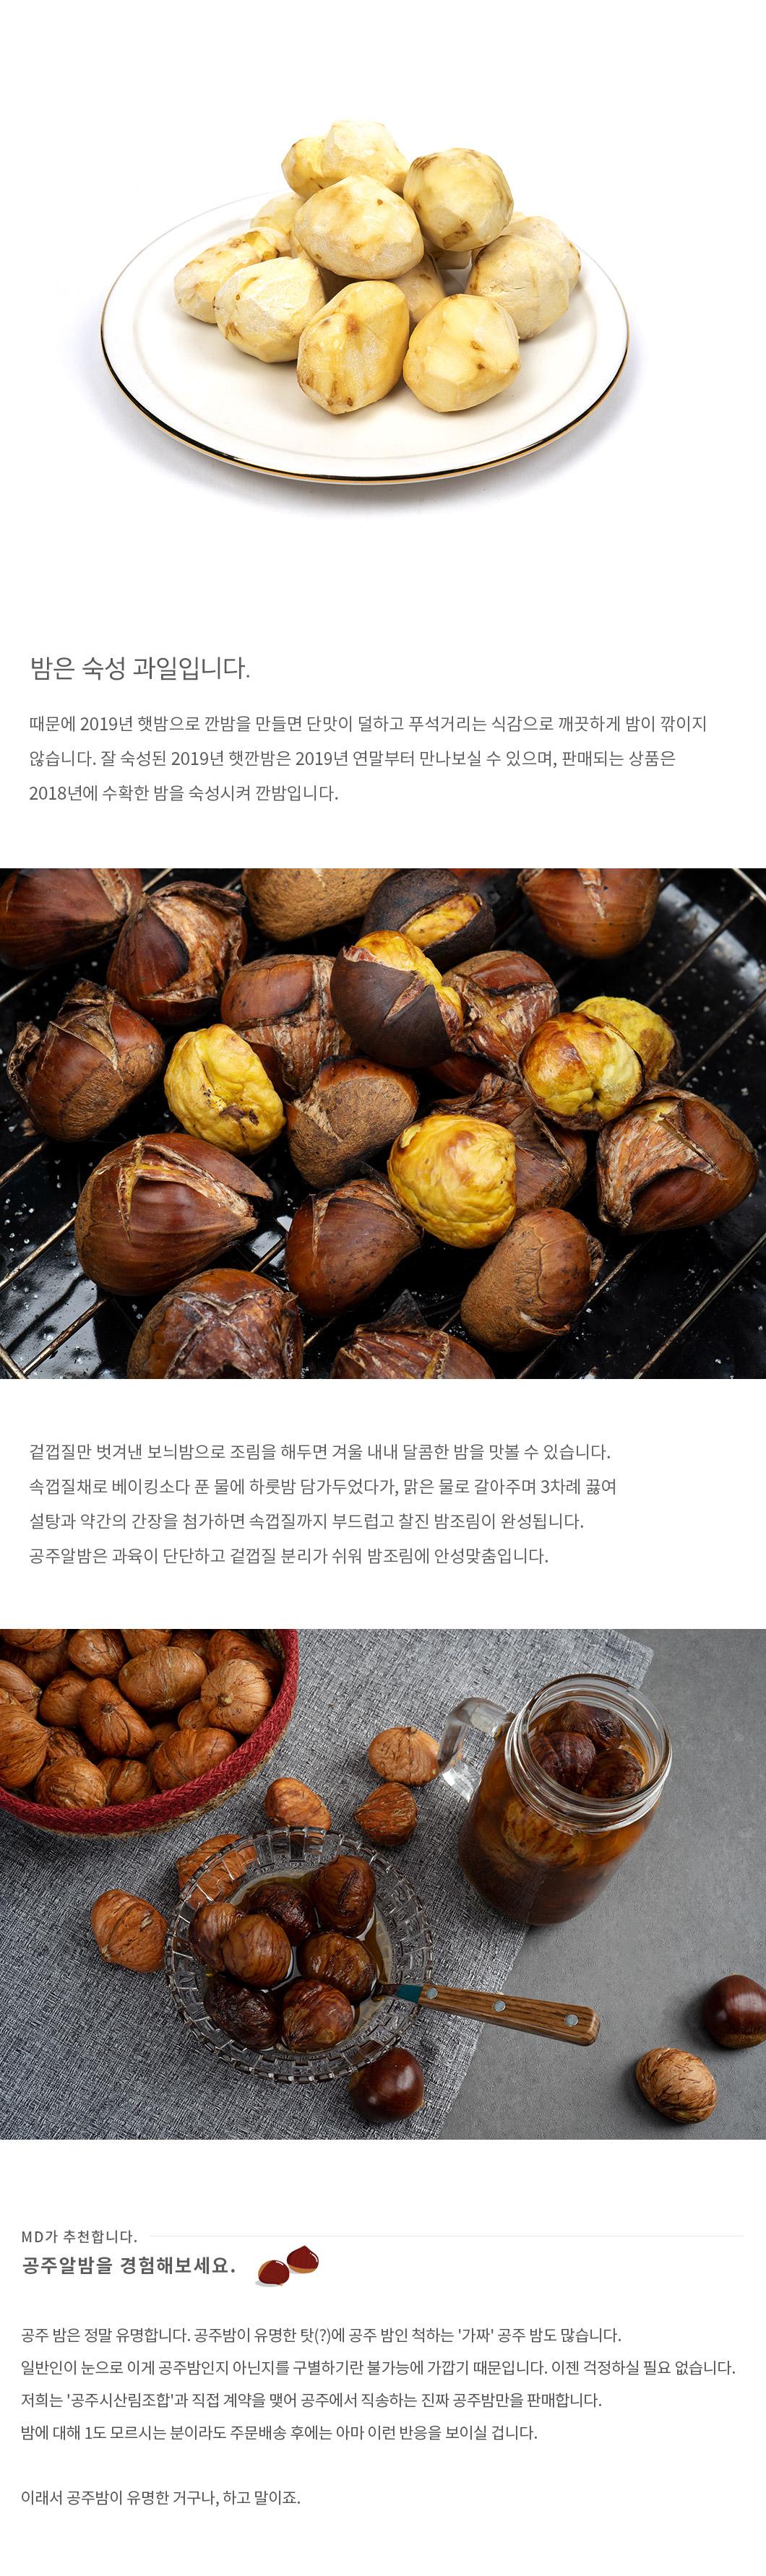 공주알밤_04.jpg